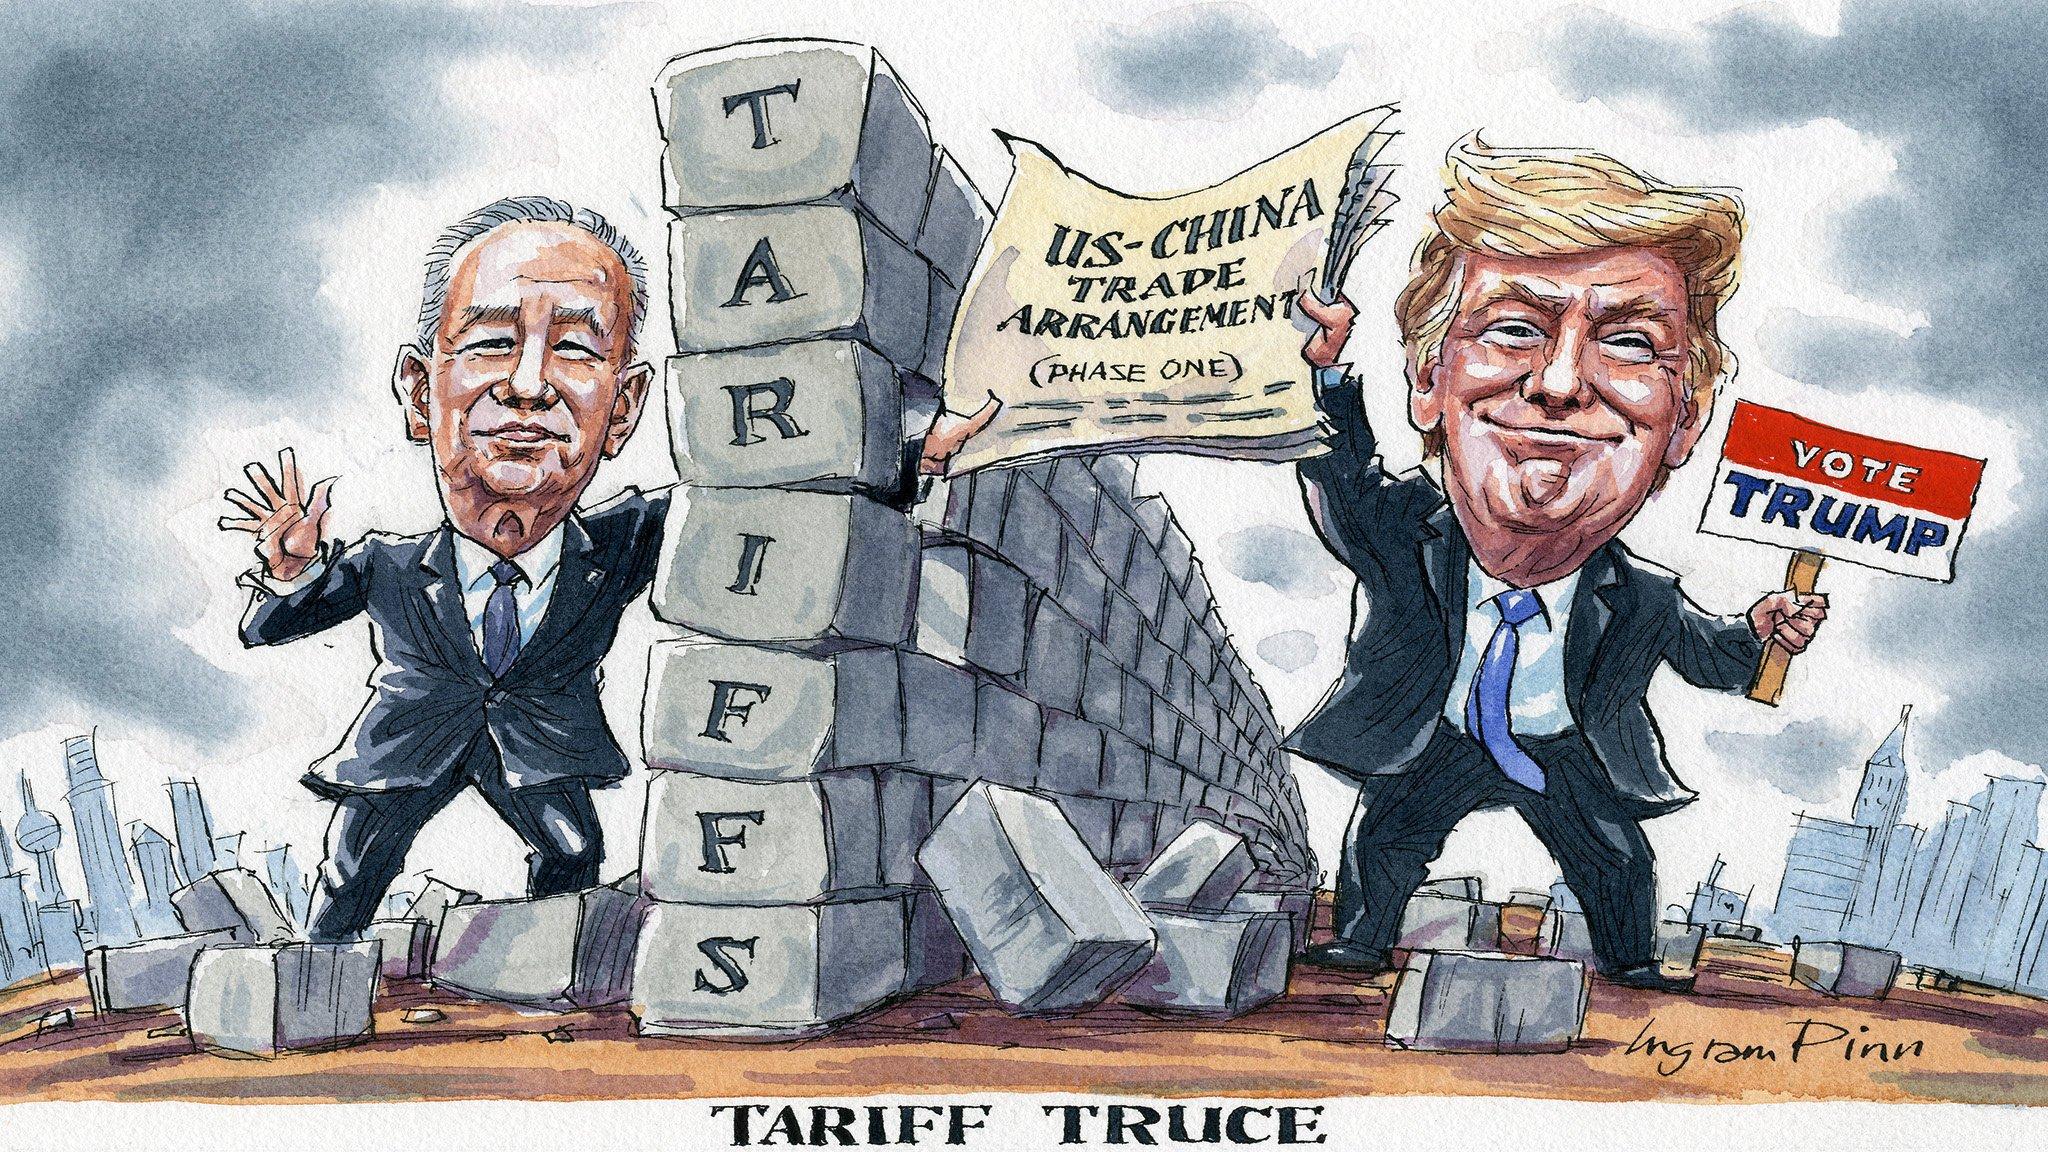 Ingram Pinn's illustration of the week: Tariff truce